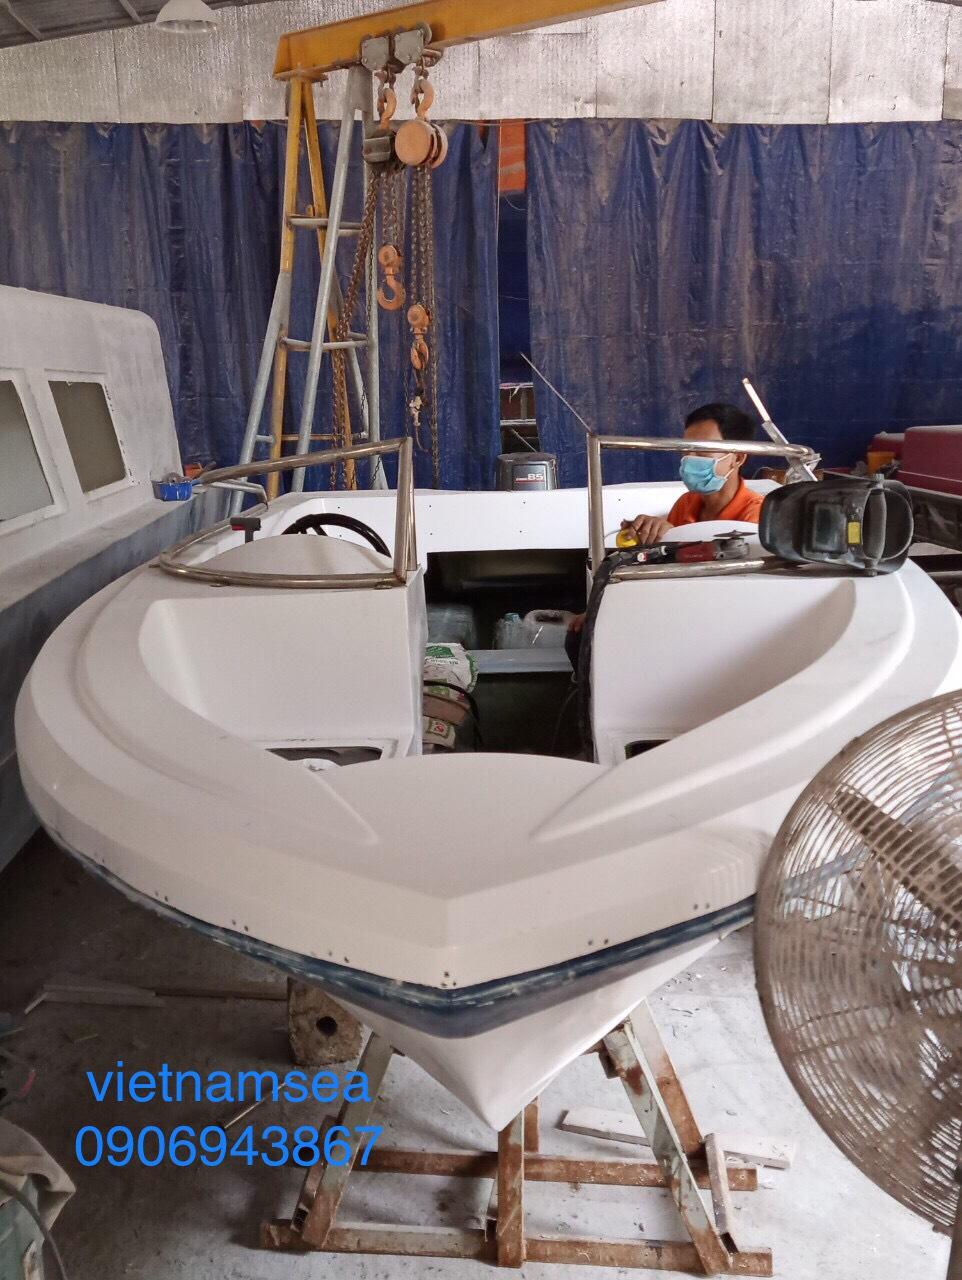 Sửa chữa cano, ca nô 85CV, SG-0148 cho Công An Thành Phố Hồ Chí Minh